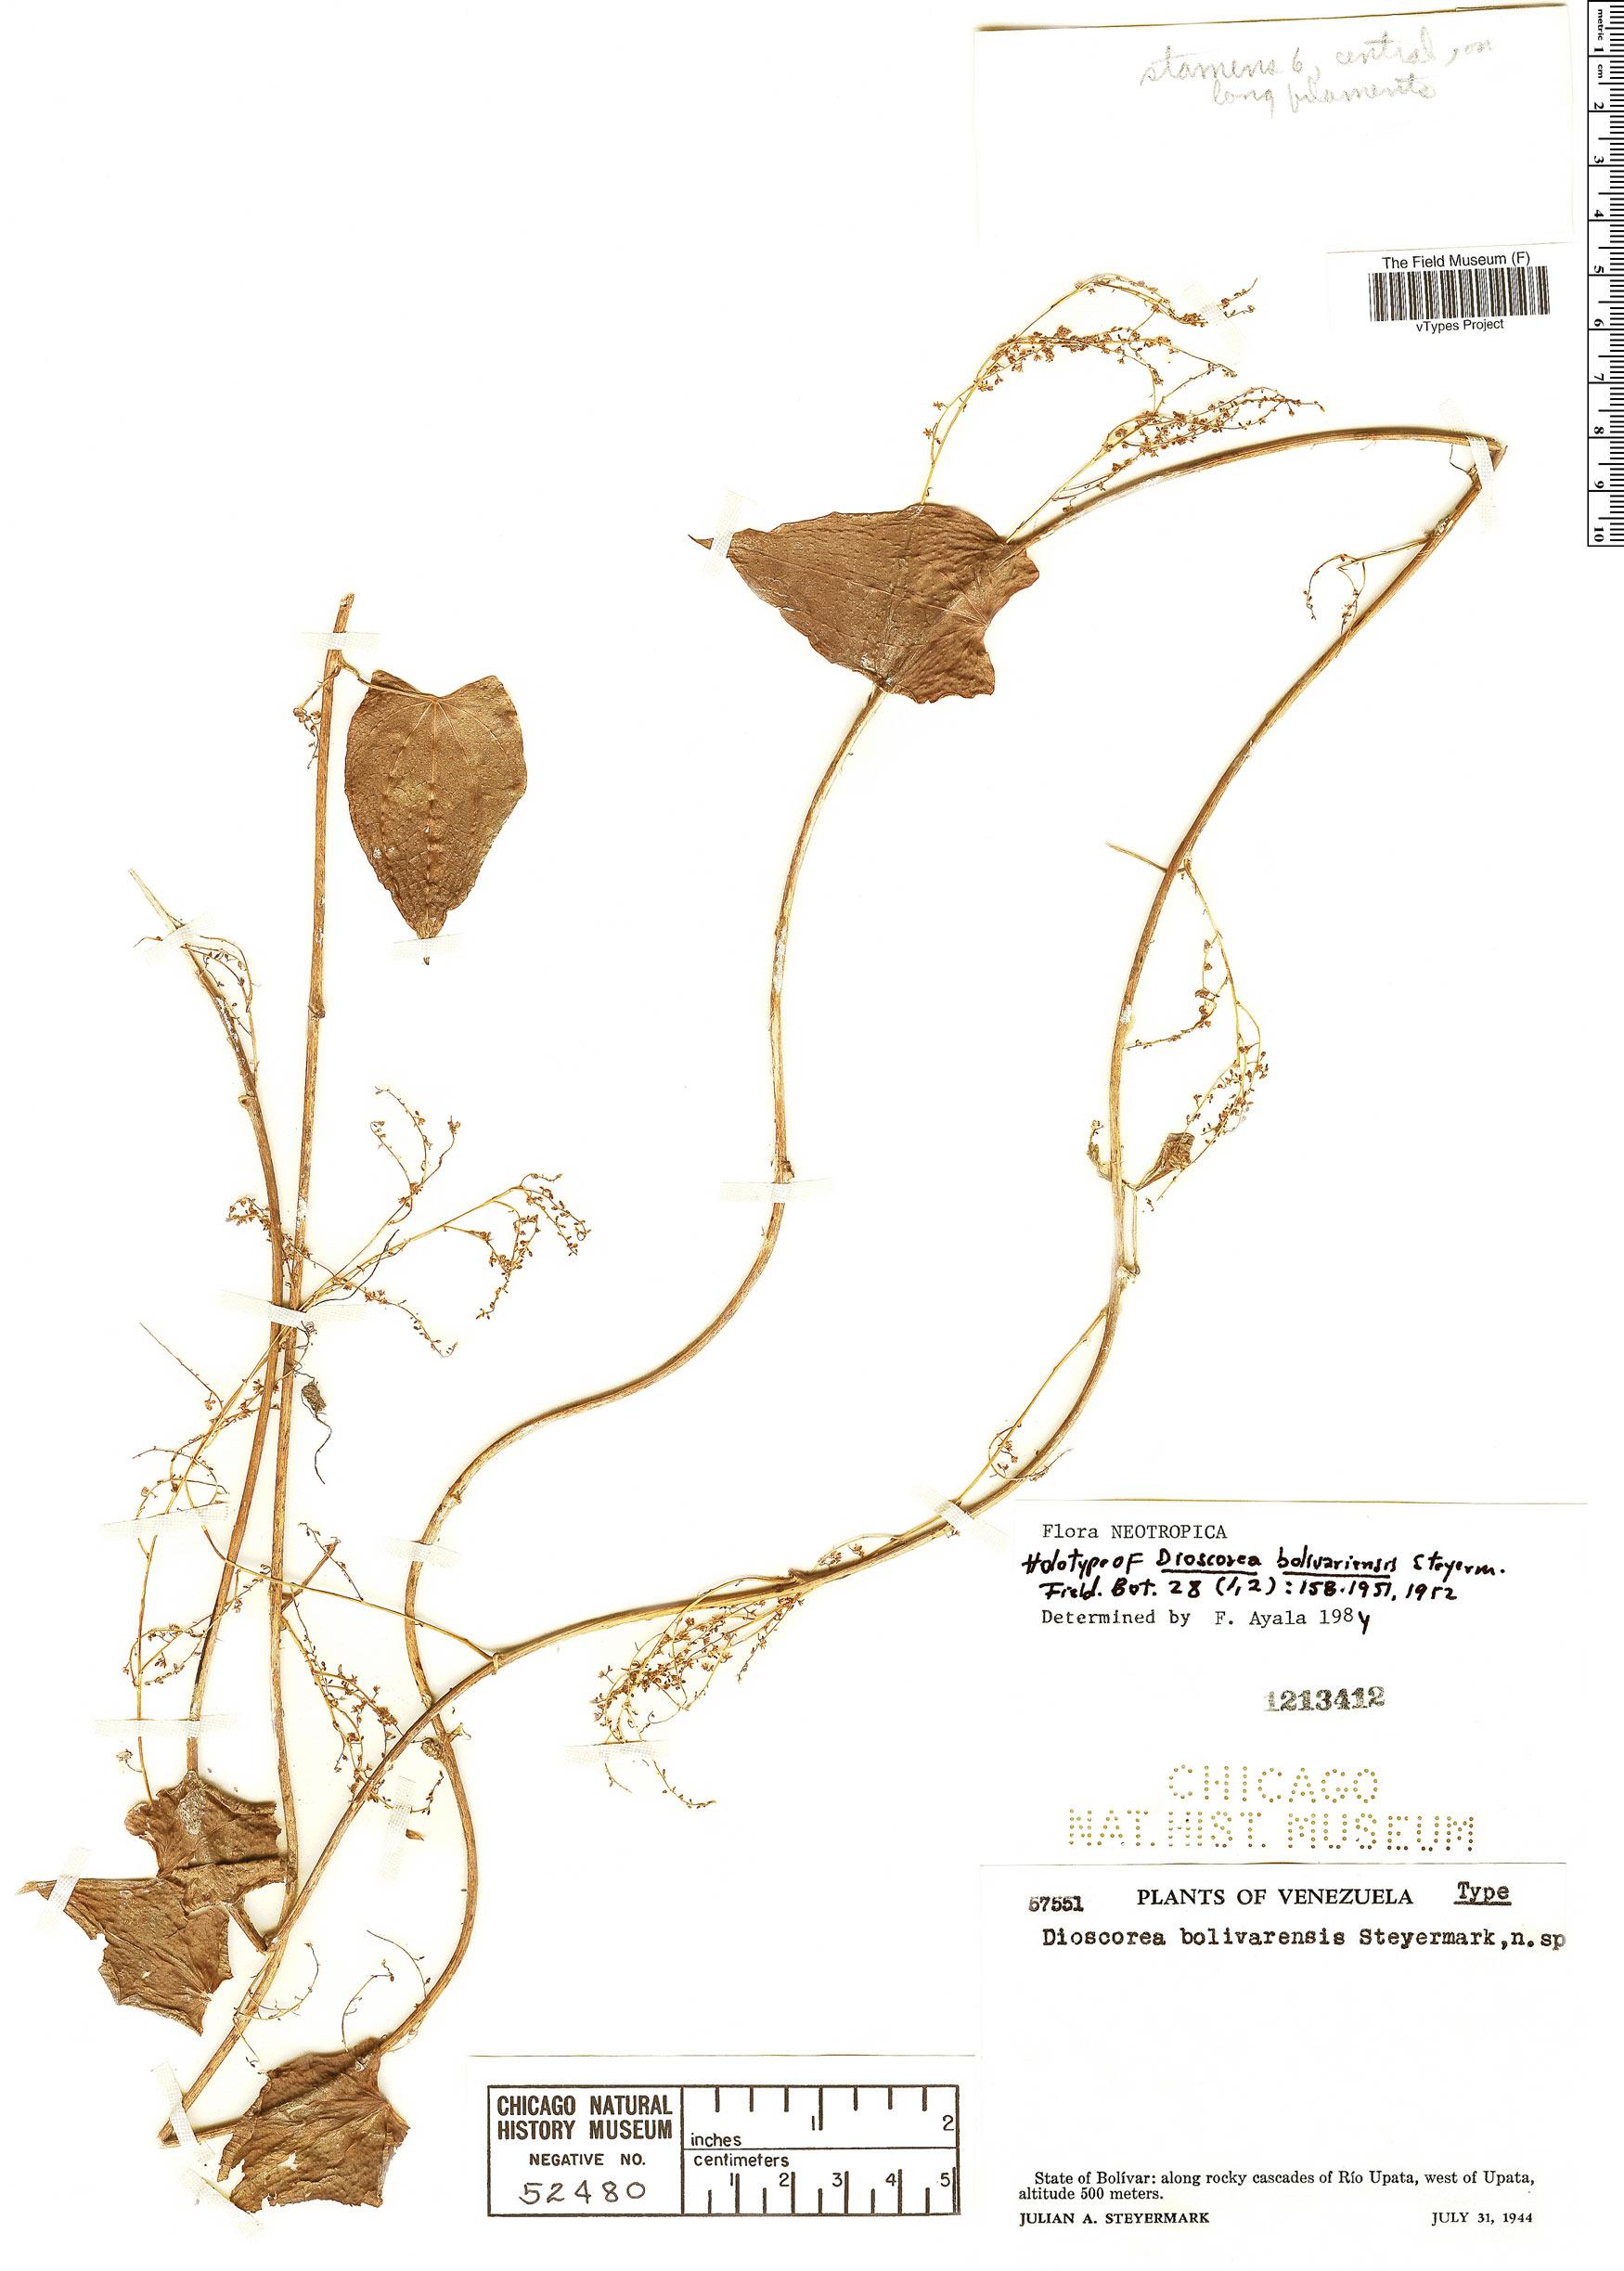 Specimen: Dioscorea bolivarensis